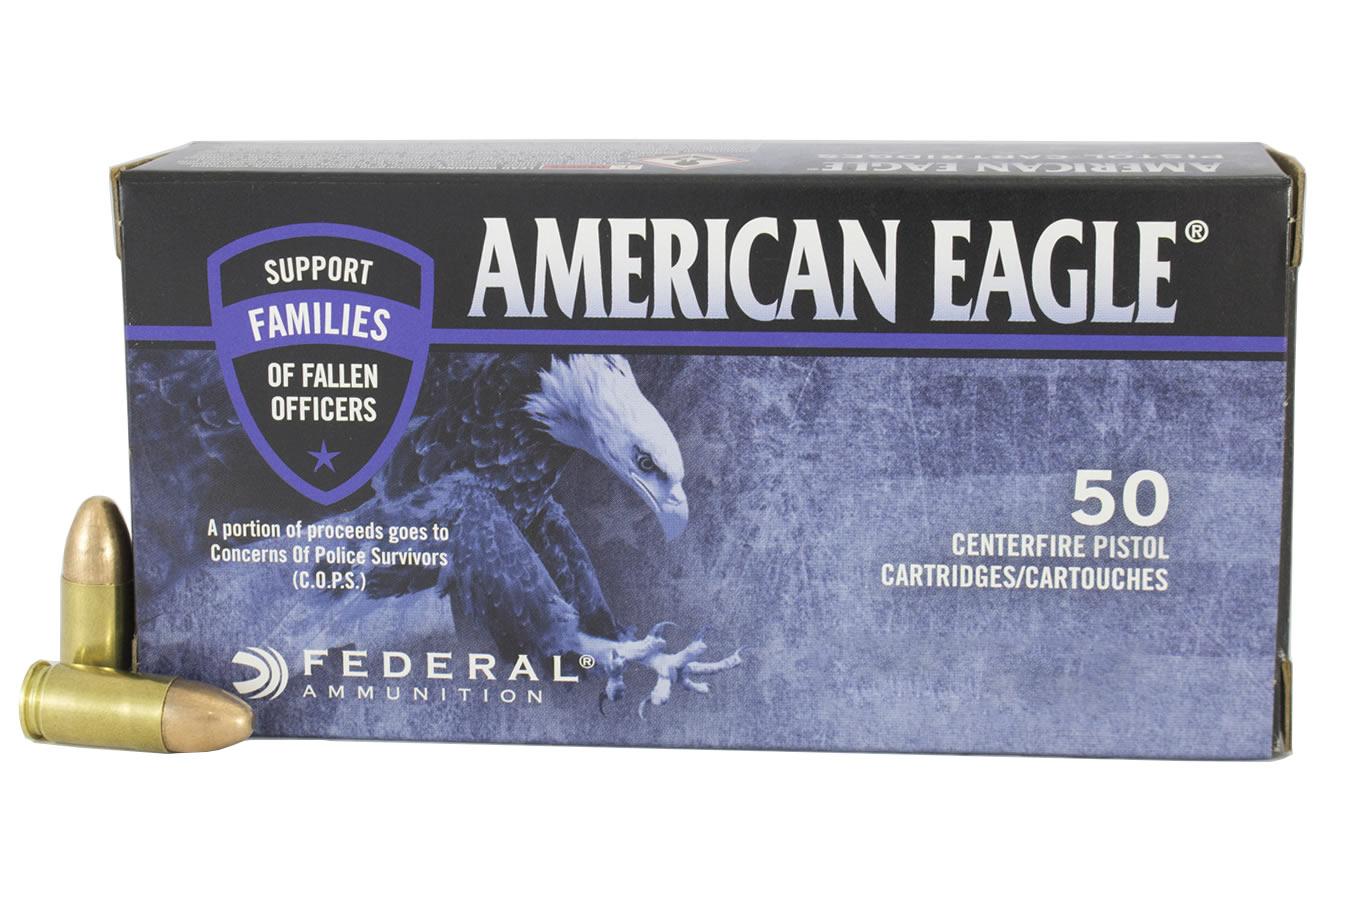 FEDERAL AMMUNITION 40SW 180GR FMJ AMERICAN EAGLE C.O.P.S